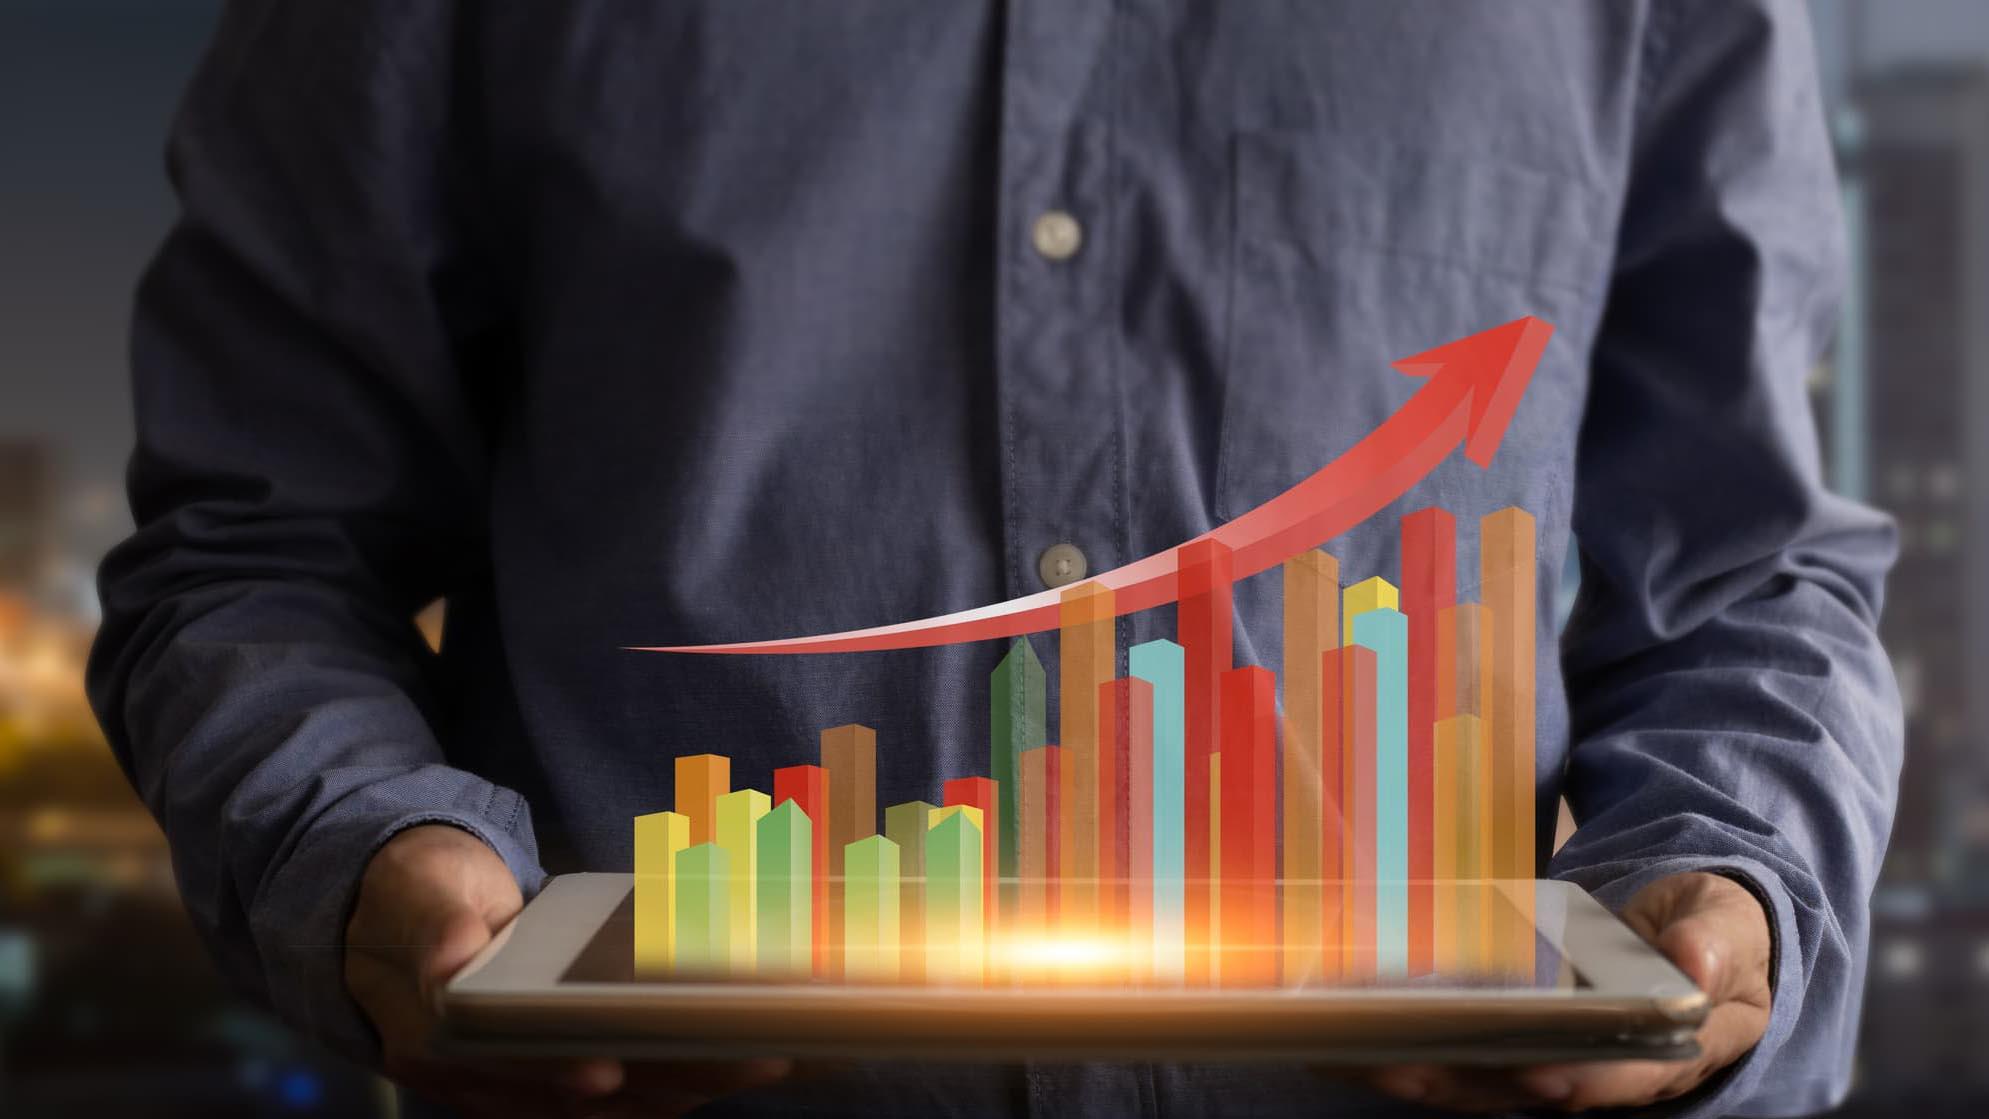 O mercado imobiliário está preparado para um novo ciclo?